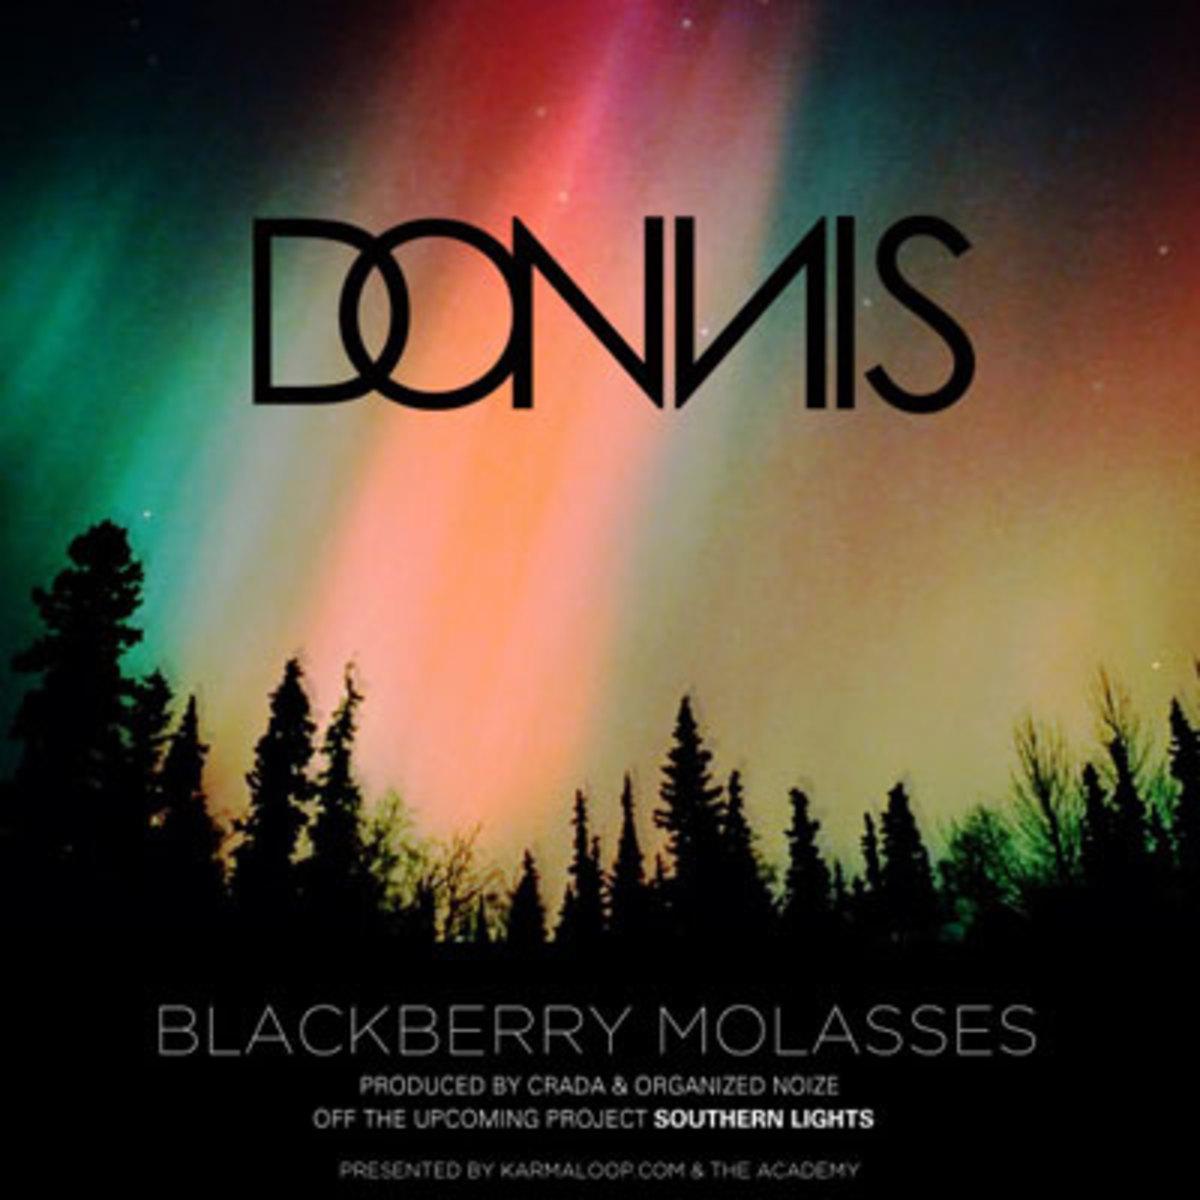 donnis-blackberrymolassas.jpg